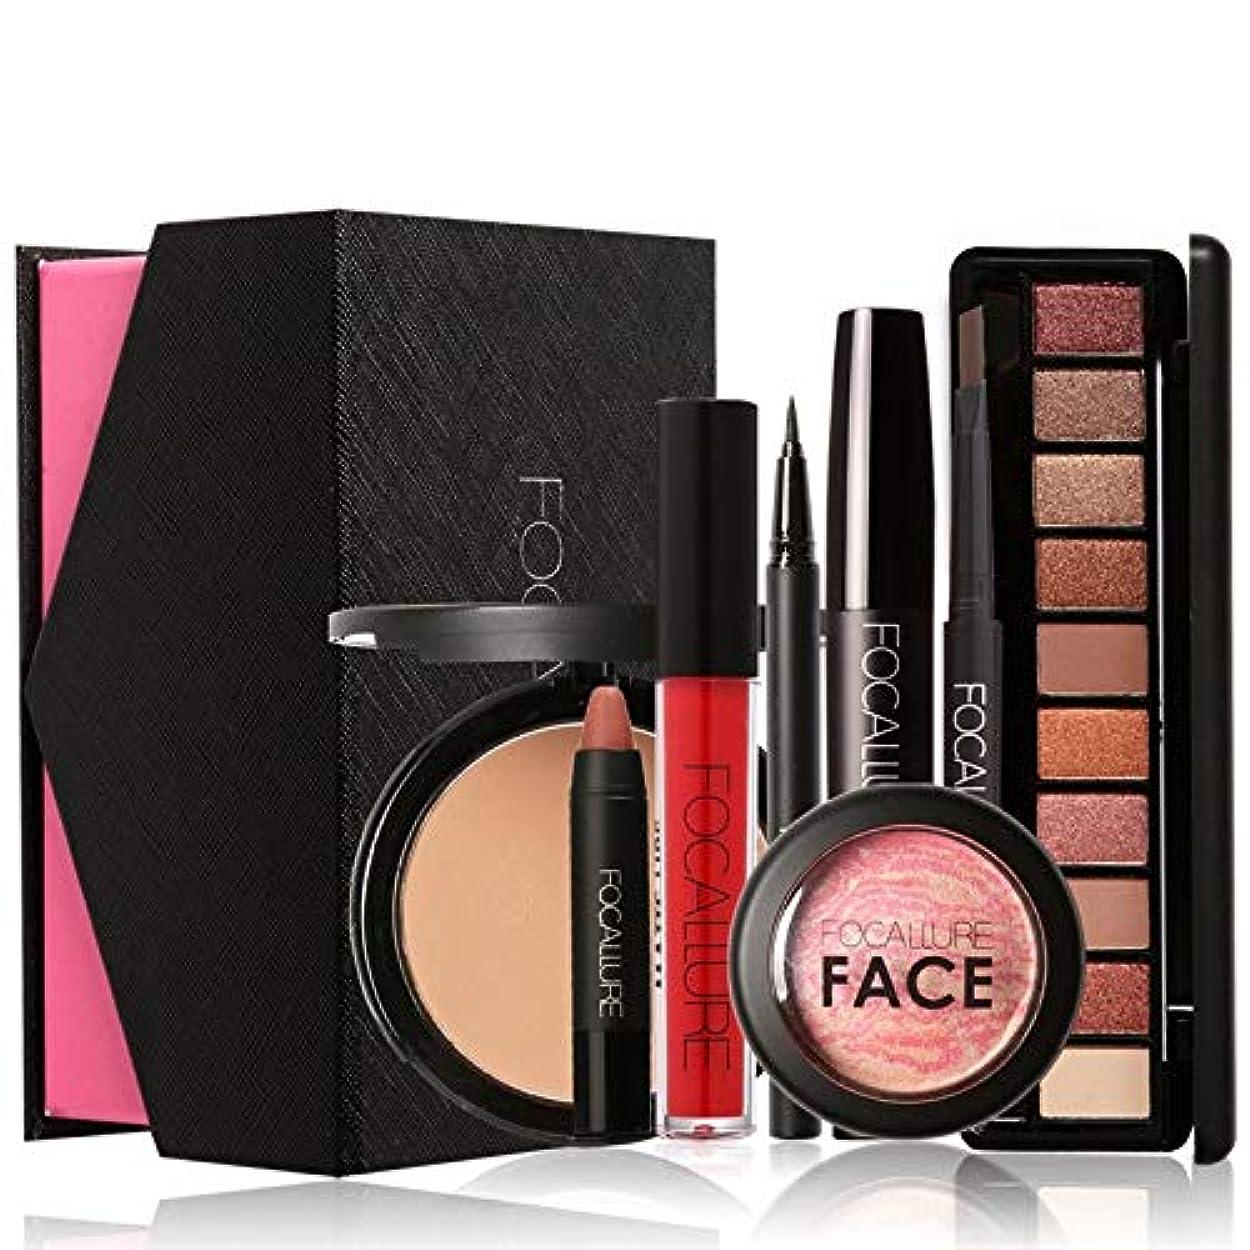 現実的予言する交通渋滞8Pcs Daily Use Cosmetics Makeup Sets Make Up Cosmetics Gift Makeup Set for women 毎日の使用8個の化粧品メイクアップセットメイクアップ化粧品...